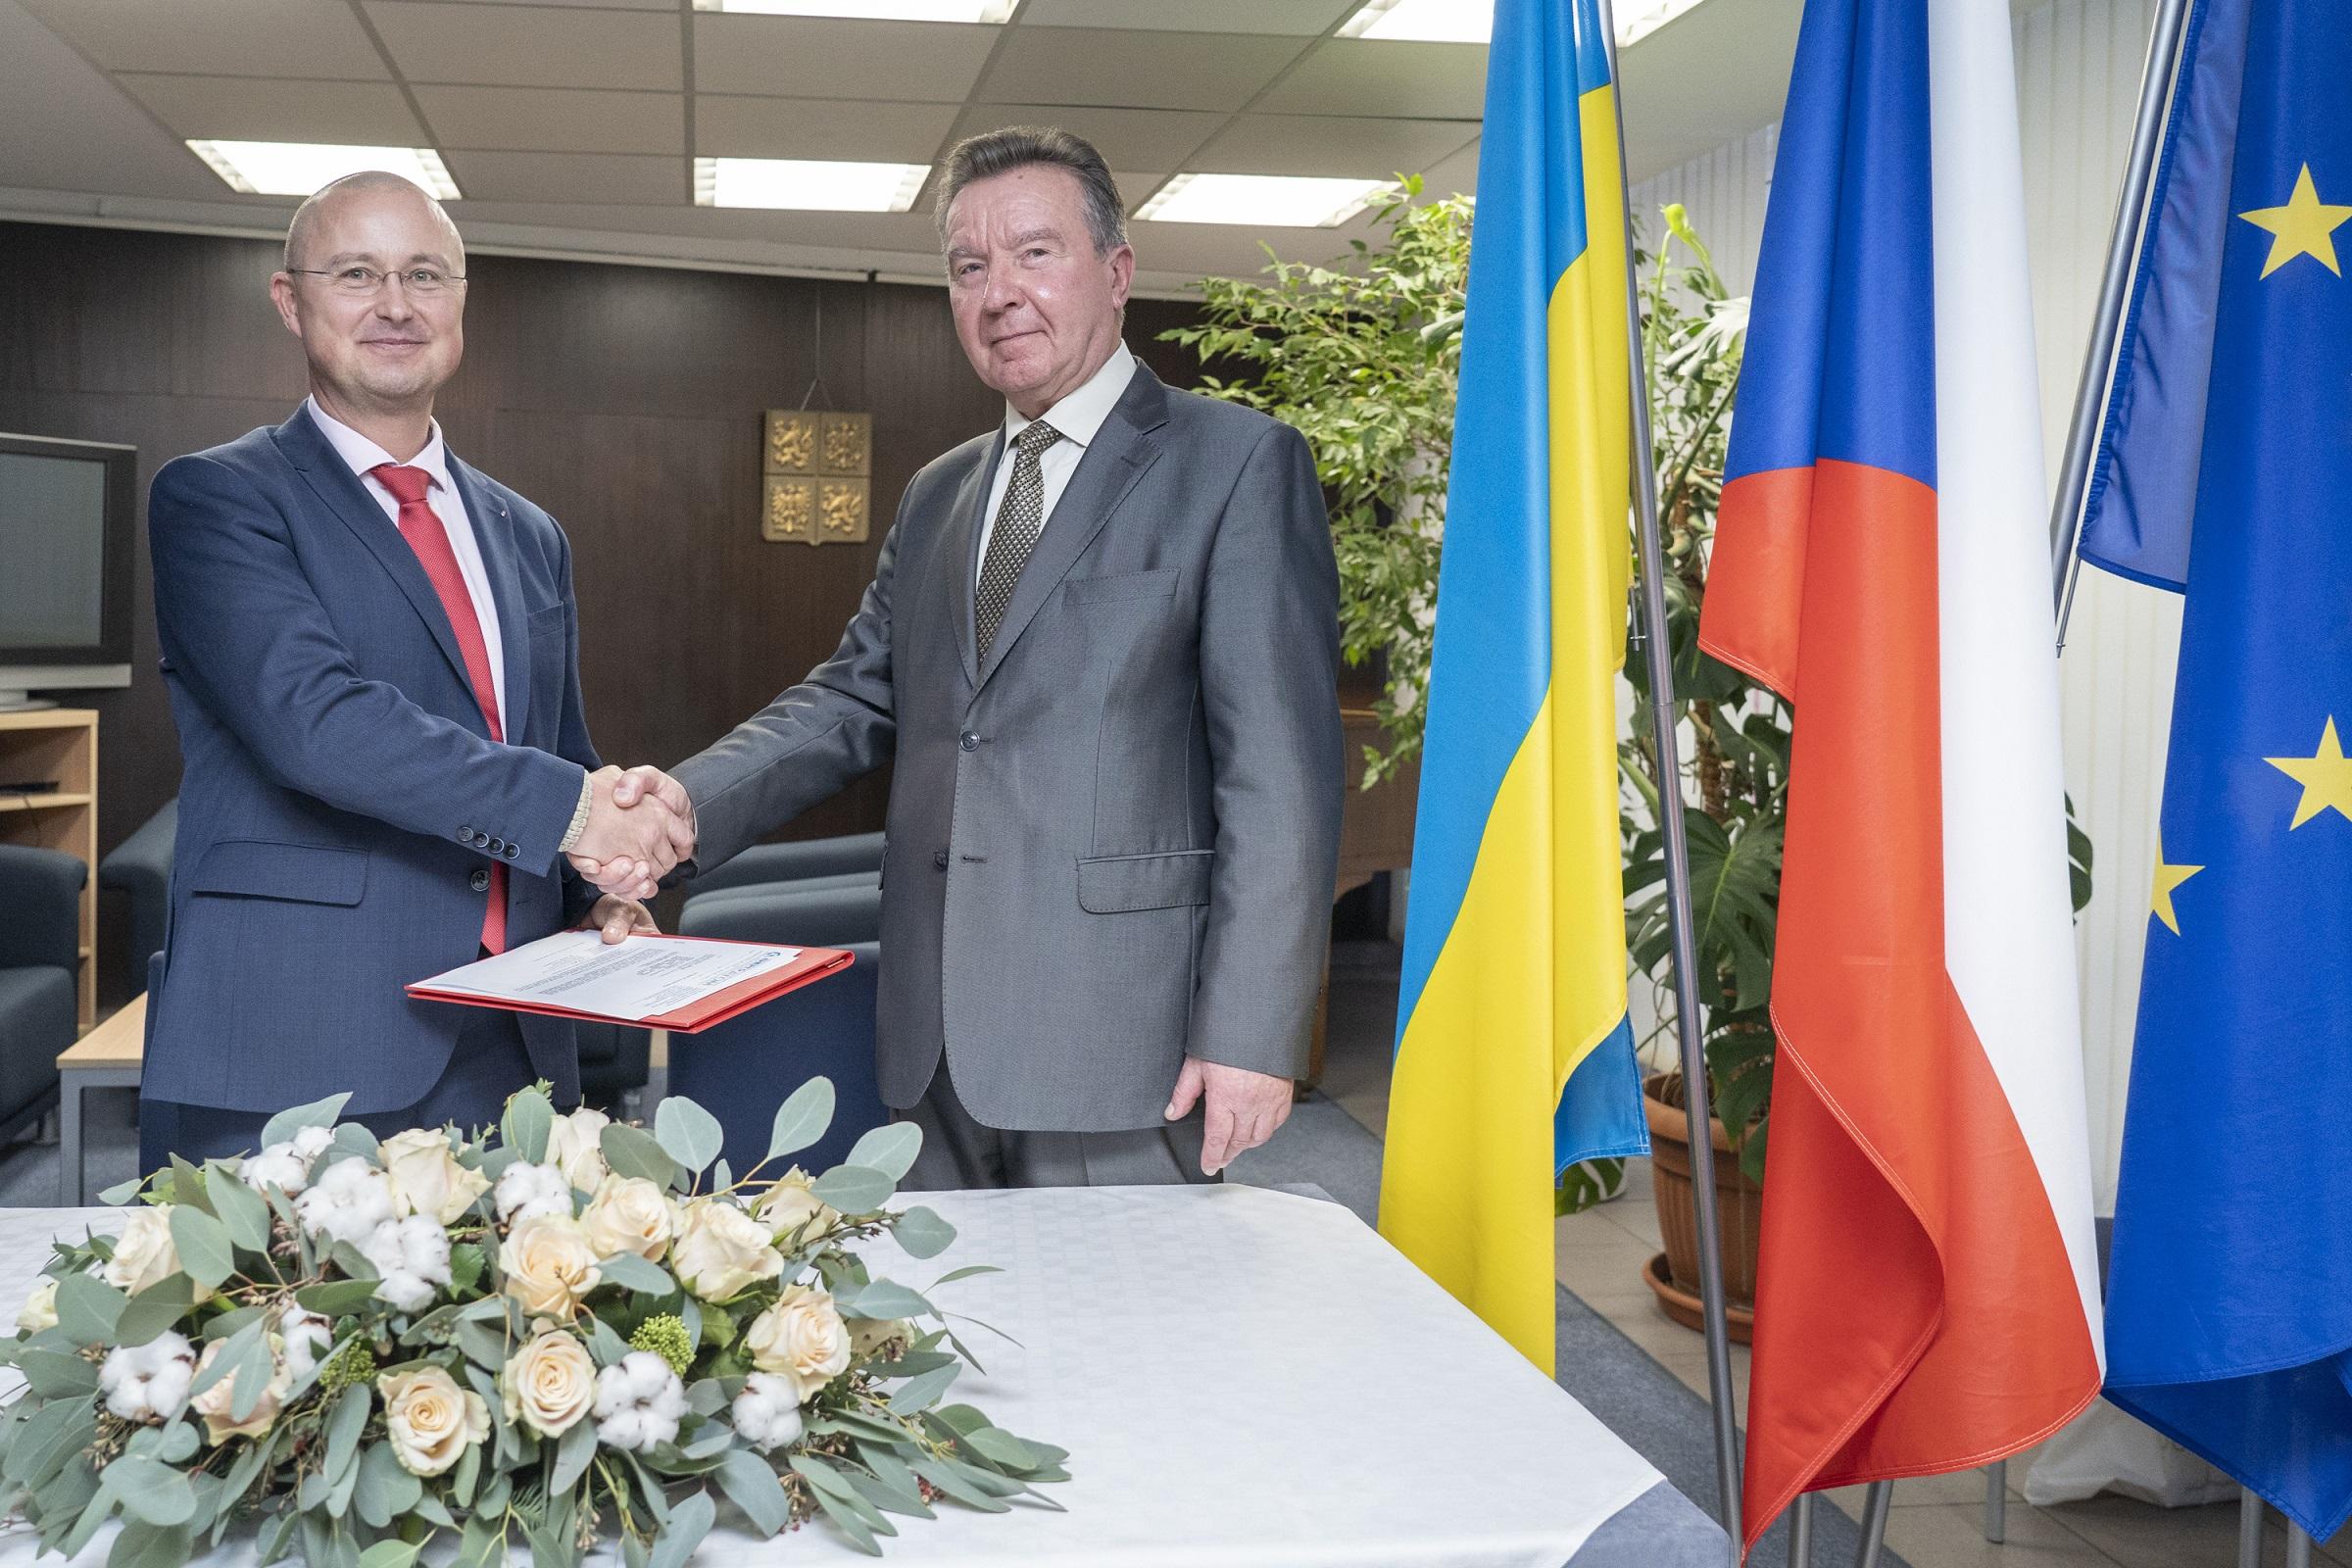 jaderná energie - Česká společnost NUVIA získala na Ukrajině zakázky za 1,7 miliardy korun - Zprávy (SK 08287) 3